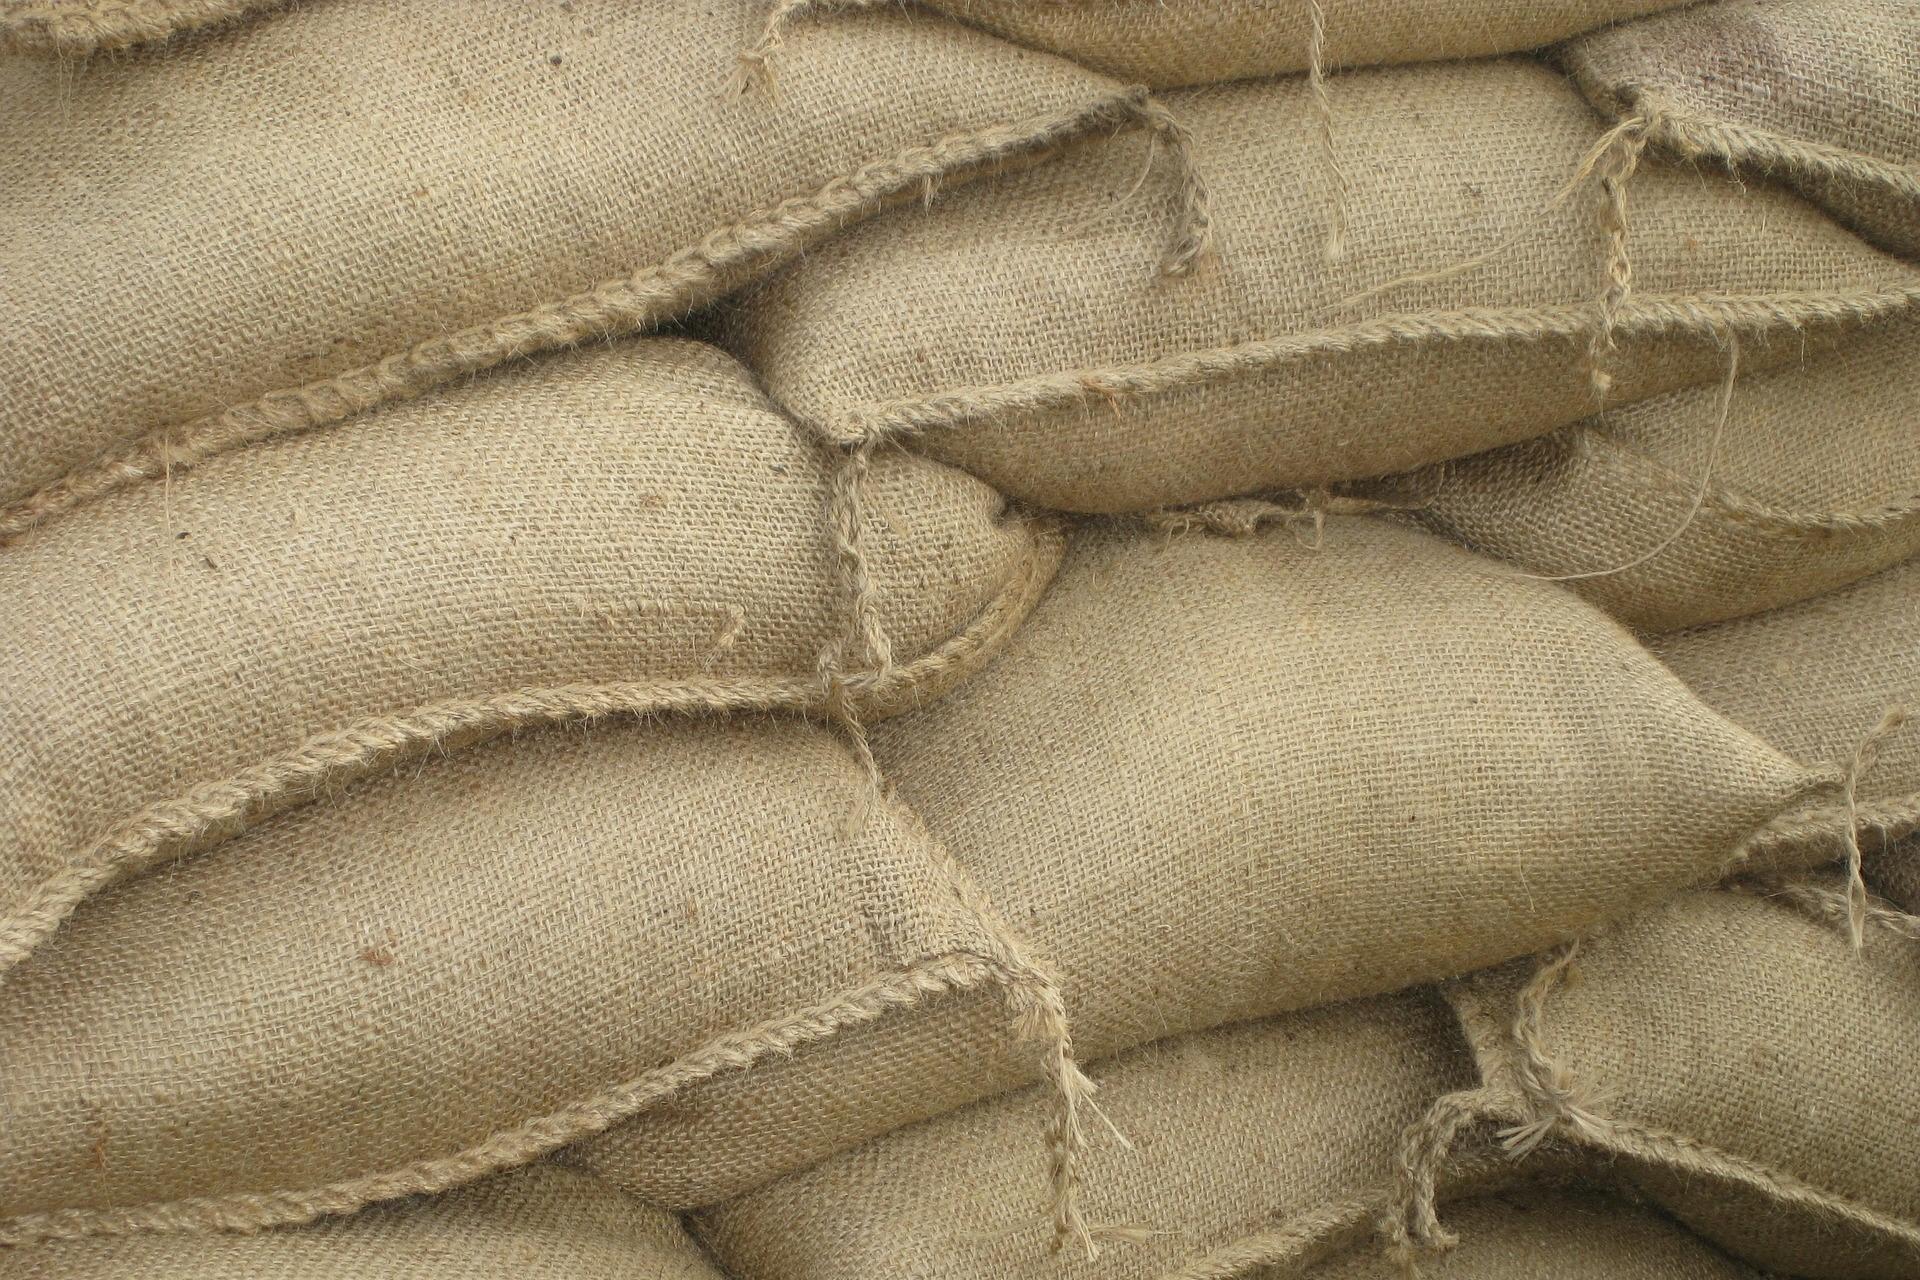 Bild Sandsäcke, Quelle: Bild von Canislupus auf Pixabay